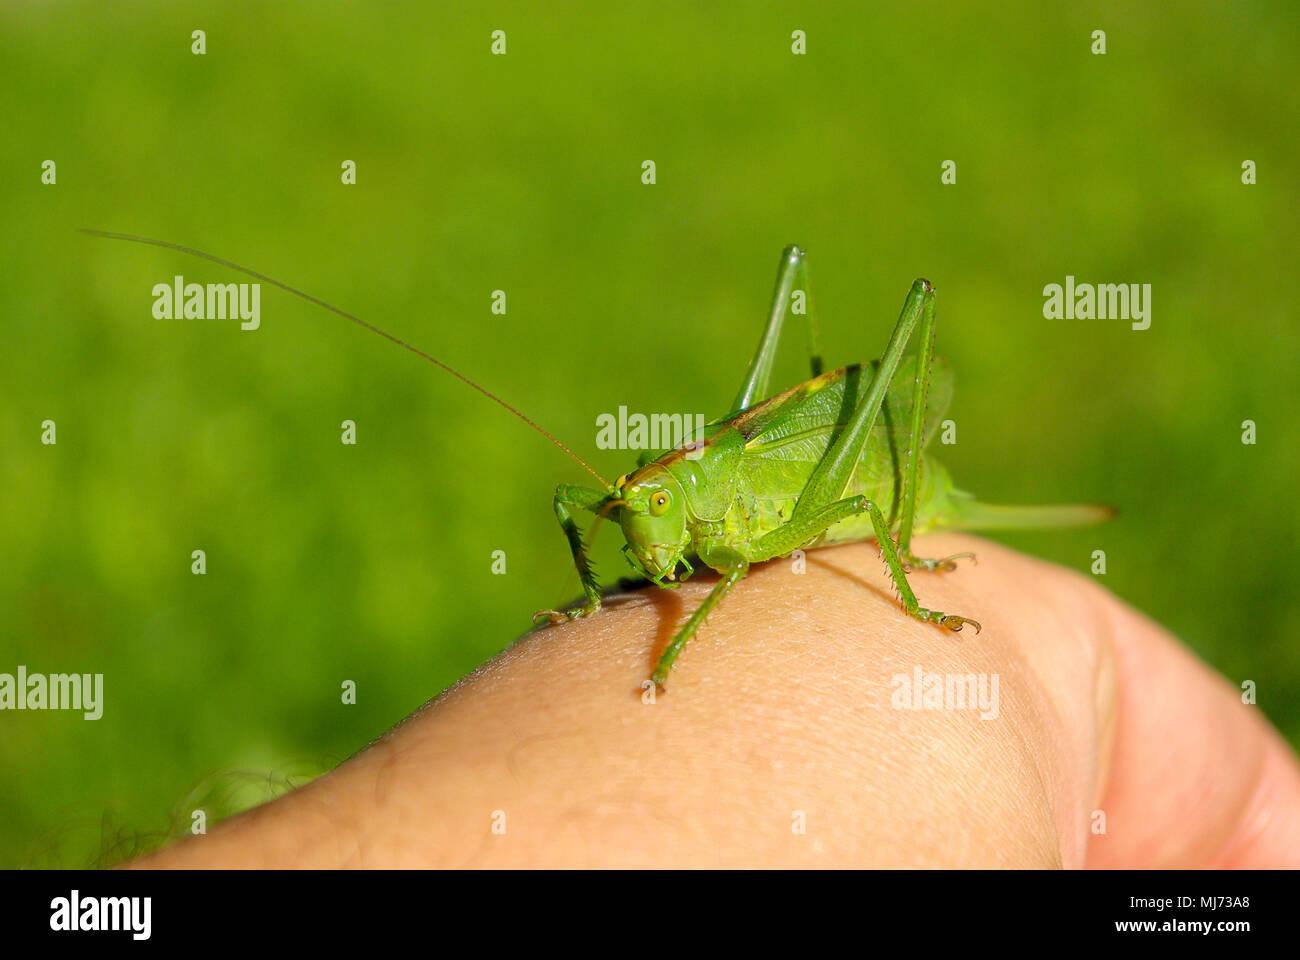 Frau Busch cricket Arten (Tettigonia) auf eine menschliche Hand. Stockfoto